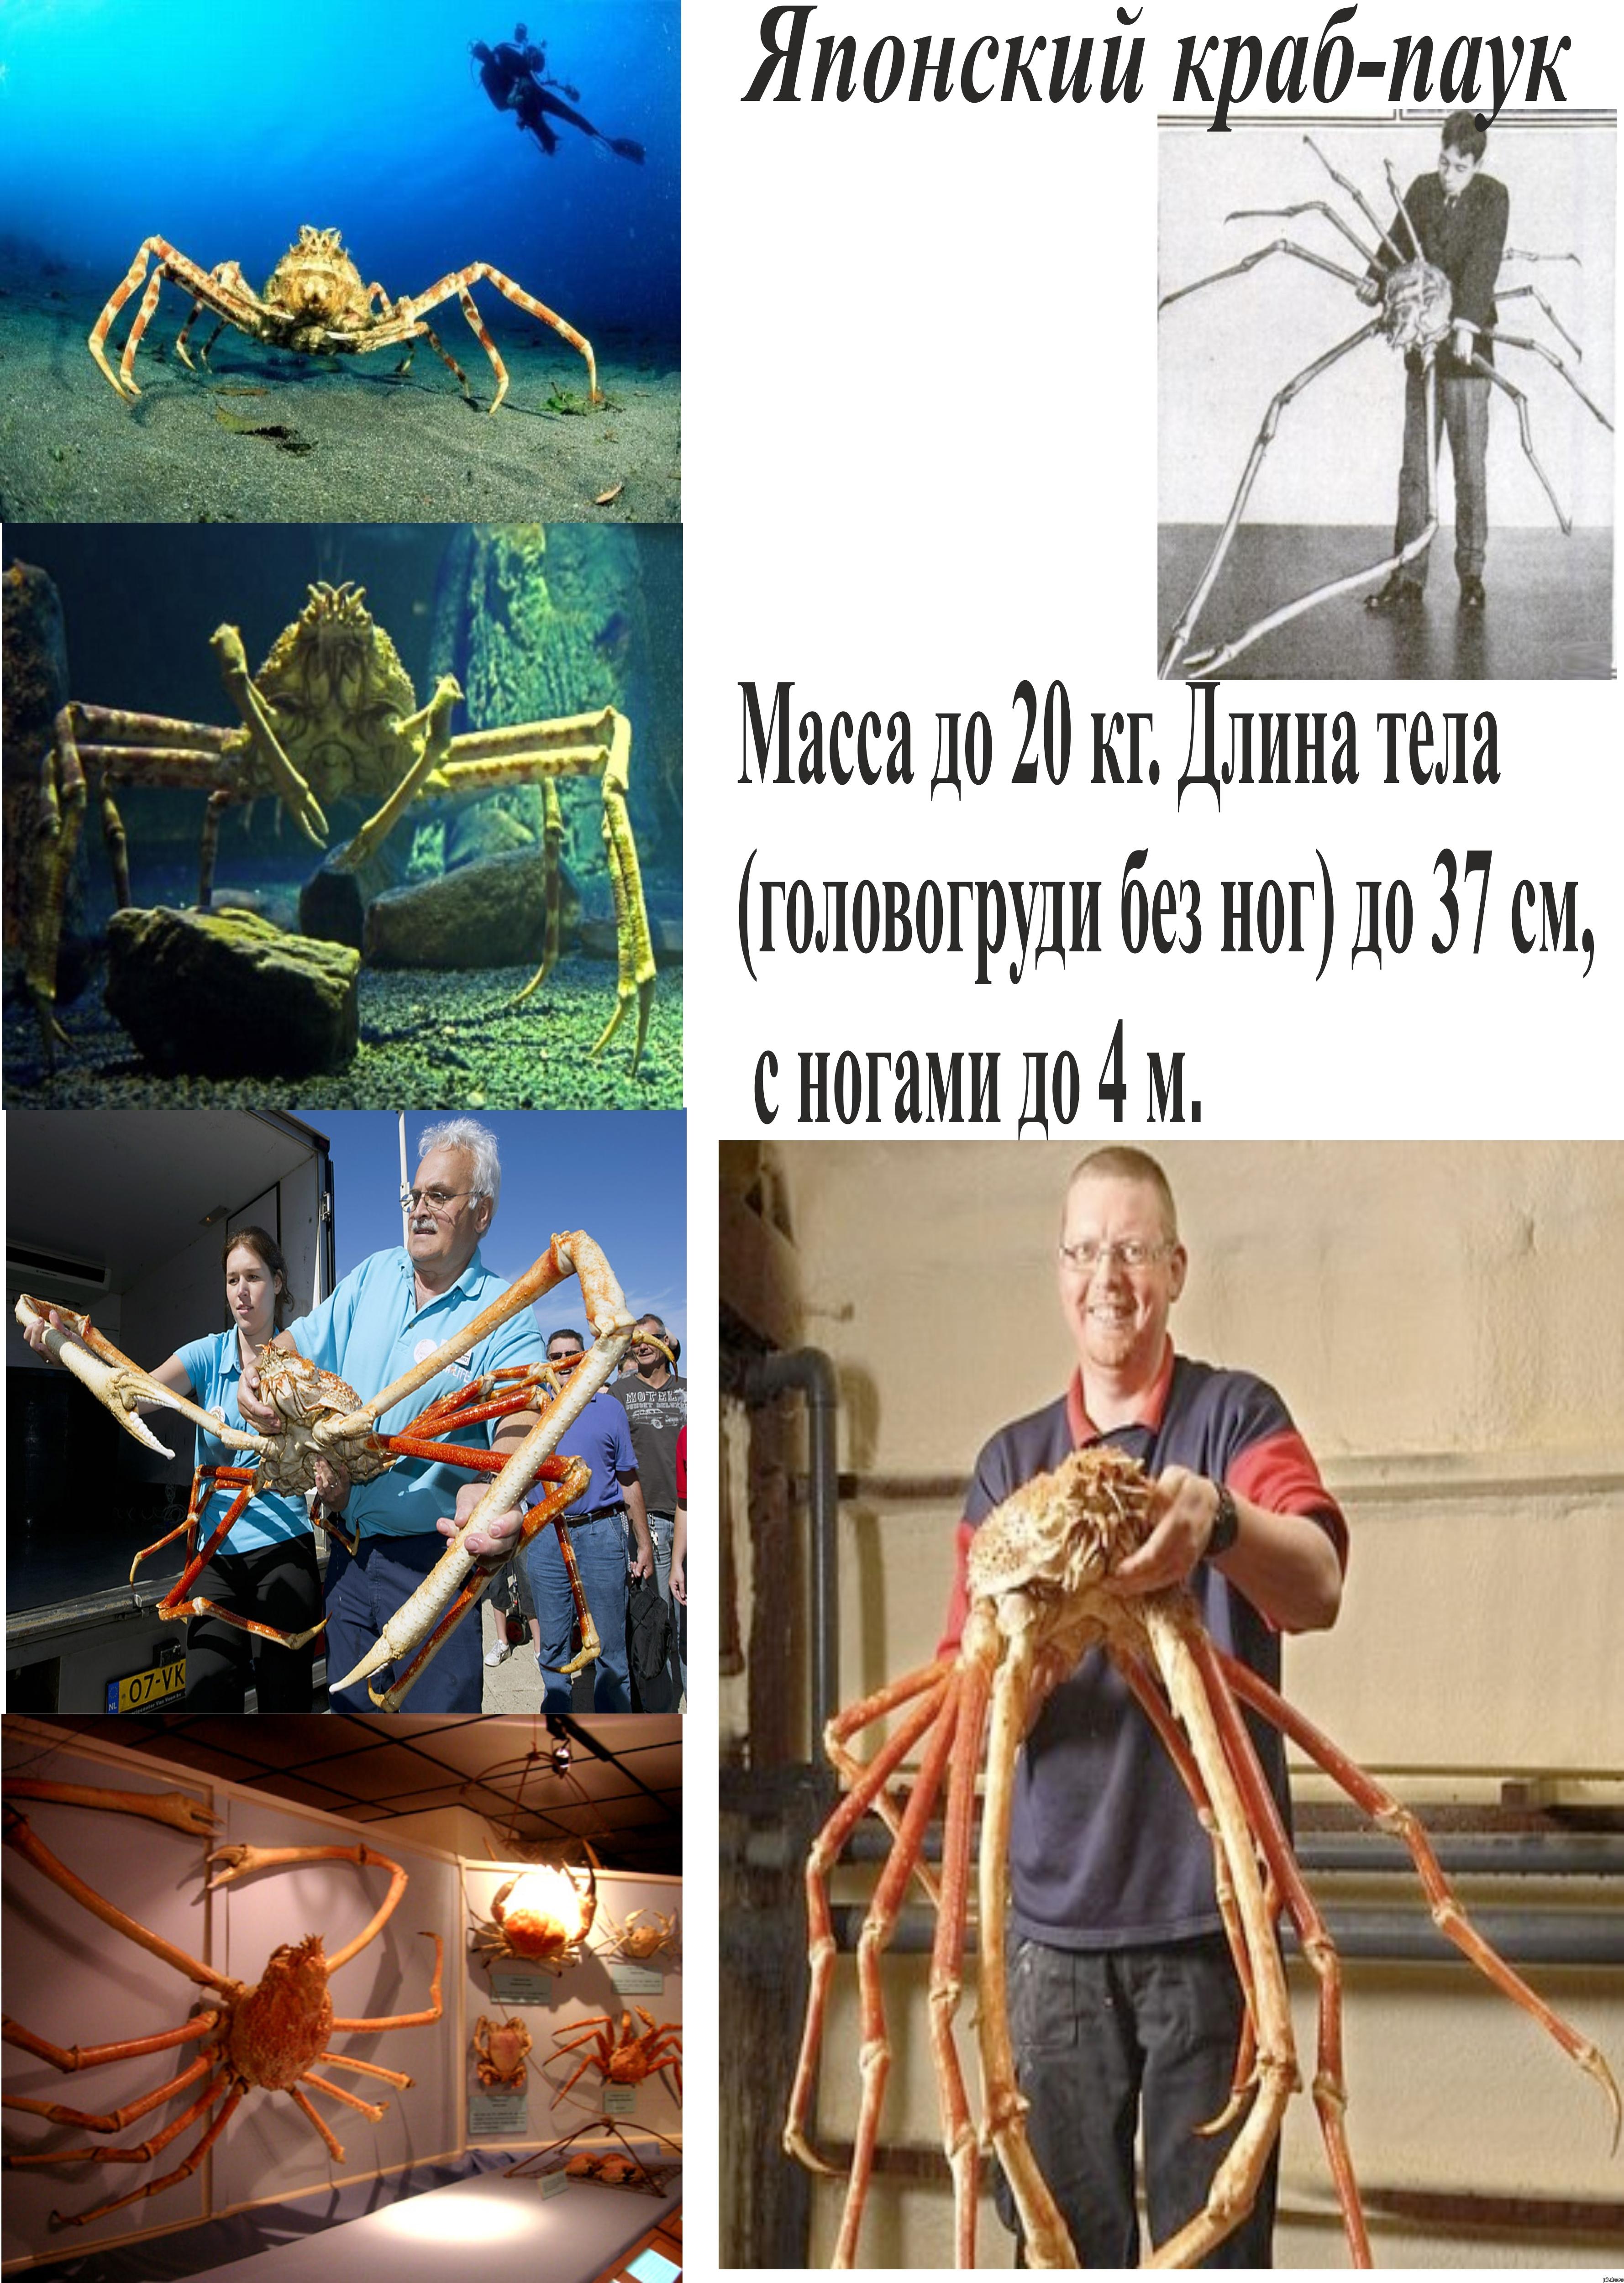 Crabzilla britain